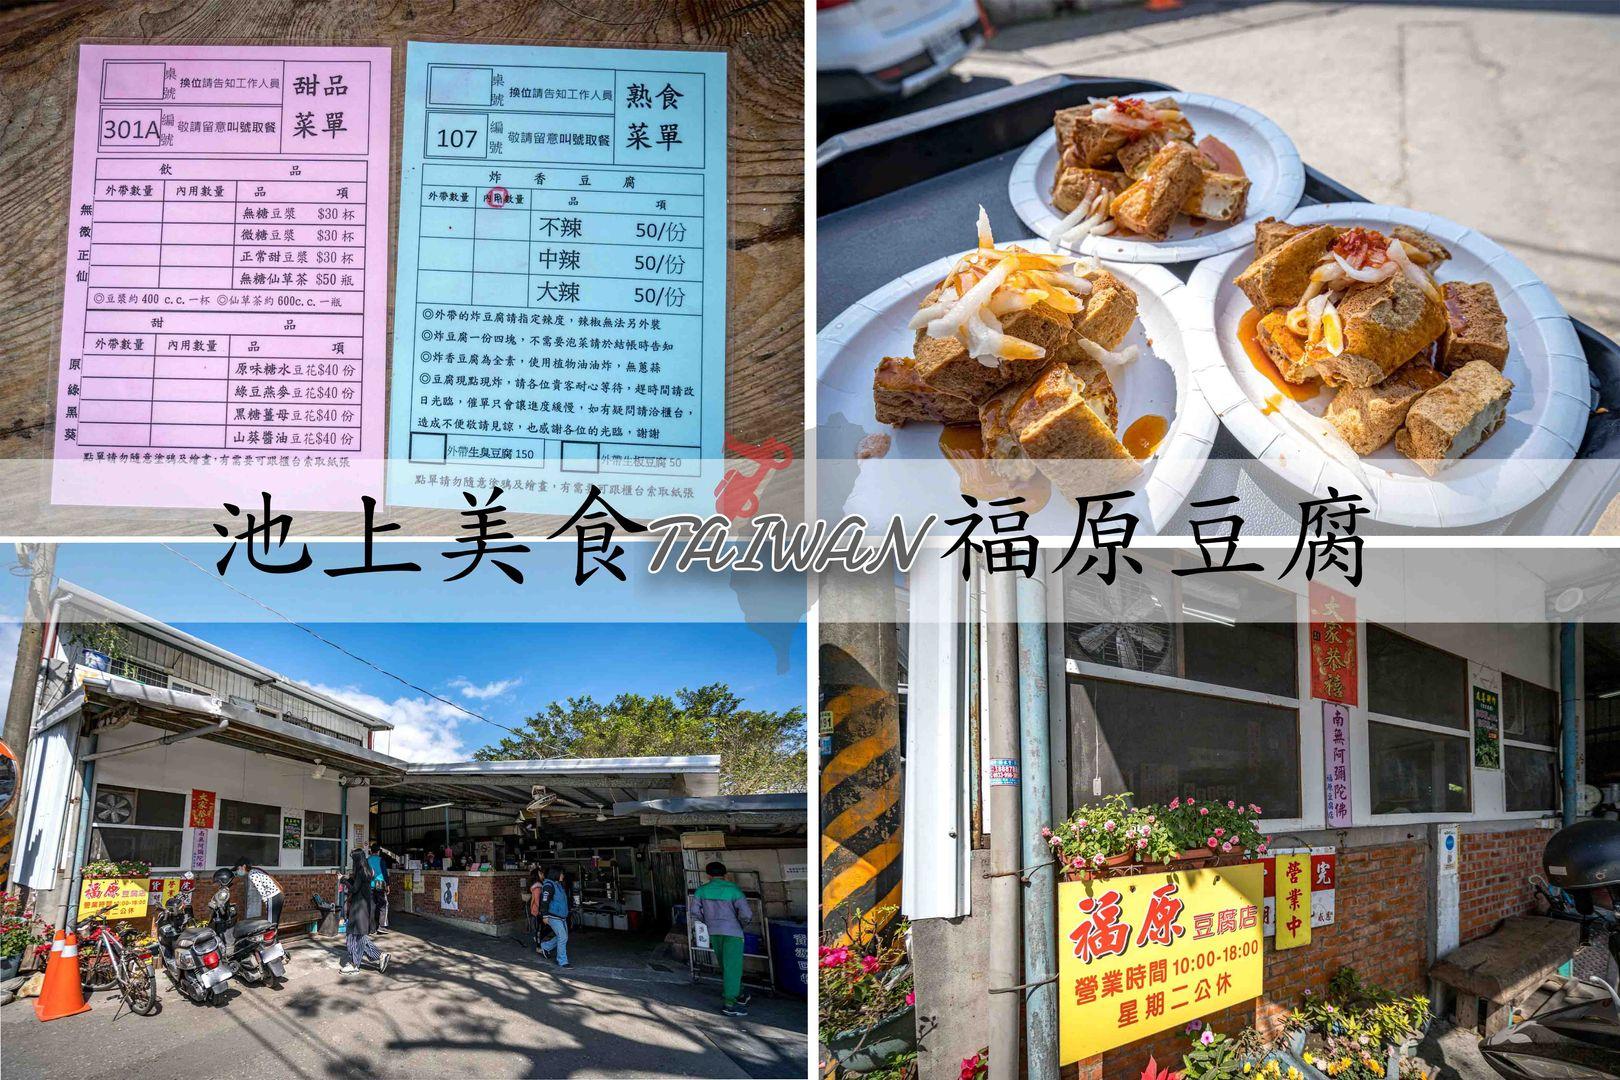 『台東池上美食』巷弄中的巷弄,福原豆腐店,招牌超香炸豆腐讓人上癮!菜單介紹、地理位置